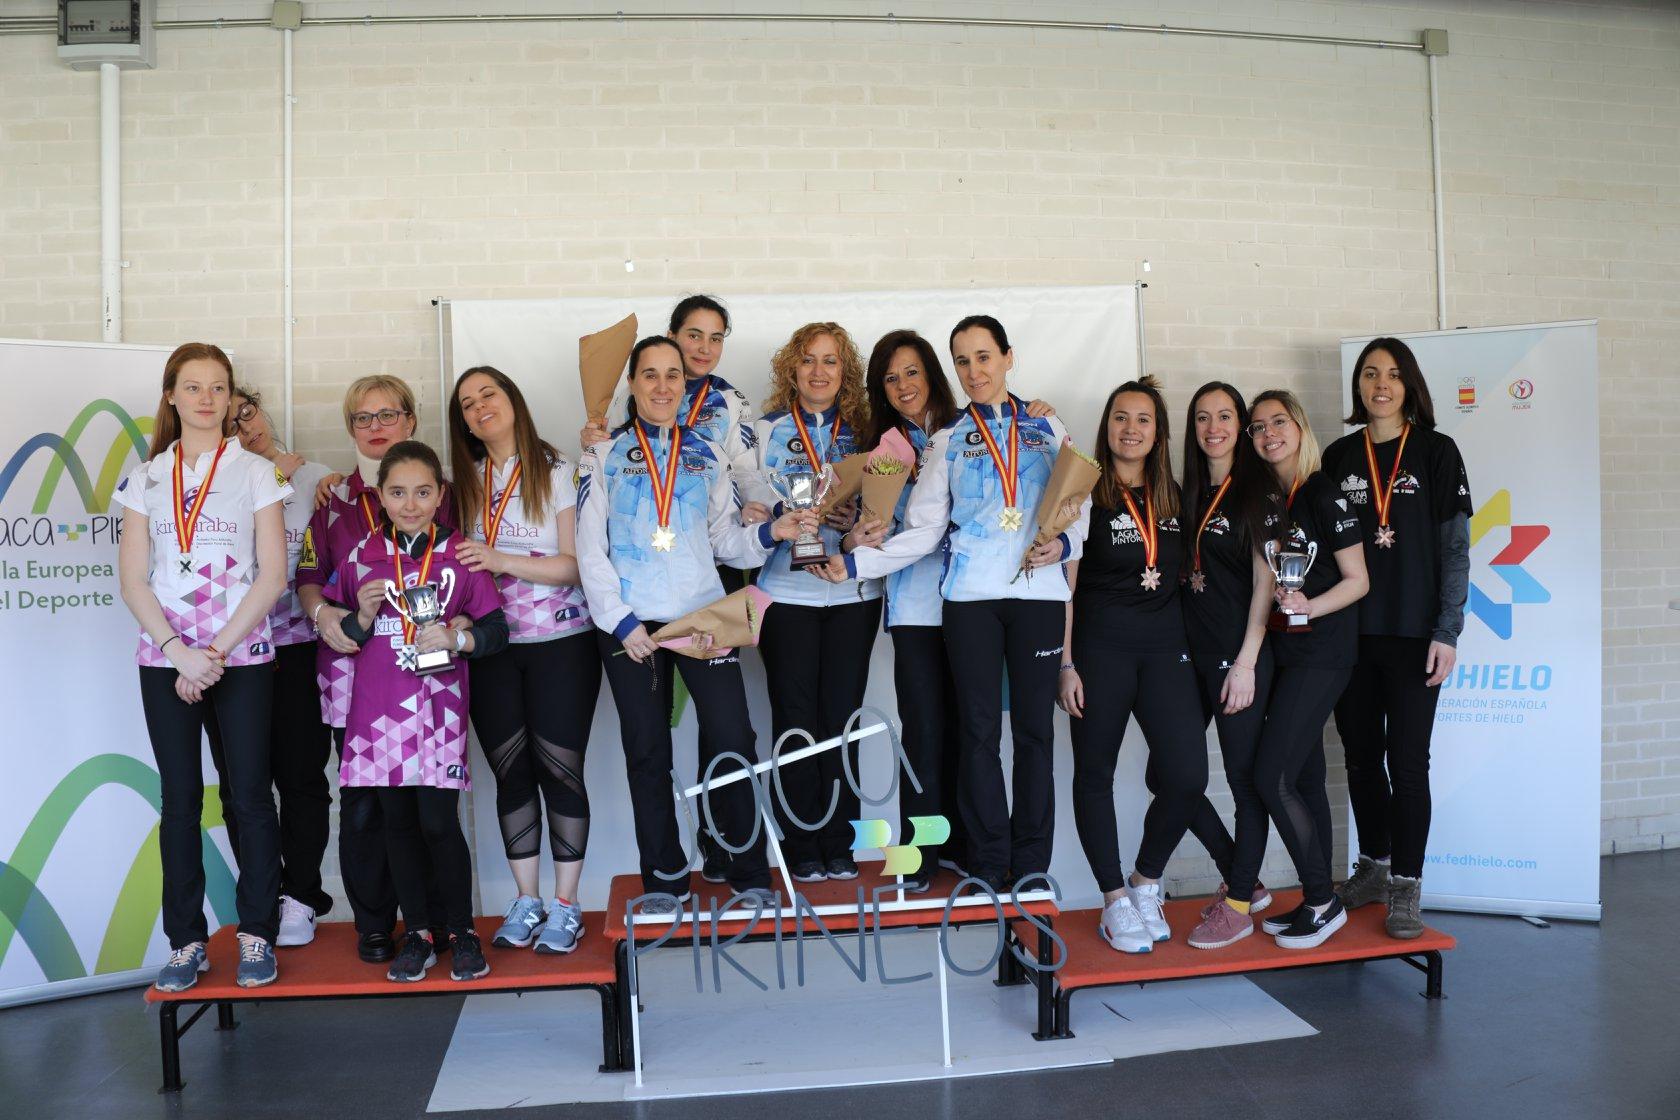 El club donostiarra se lleva el campeonato tanto en categoría masculina como en femenina mientrasSCV Iparpolo y Val d'Aran consiguen la plata y el bronce